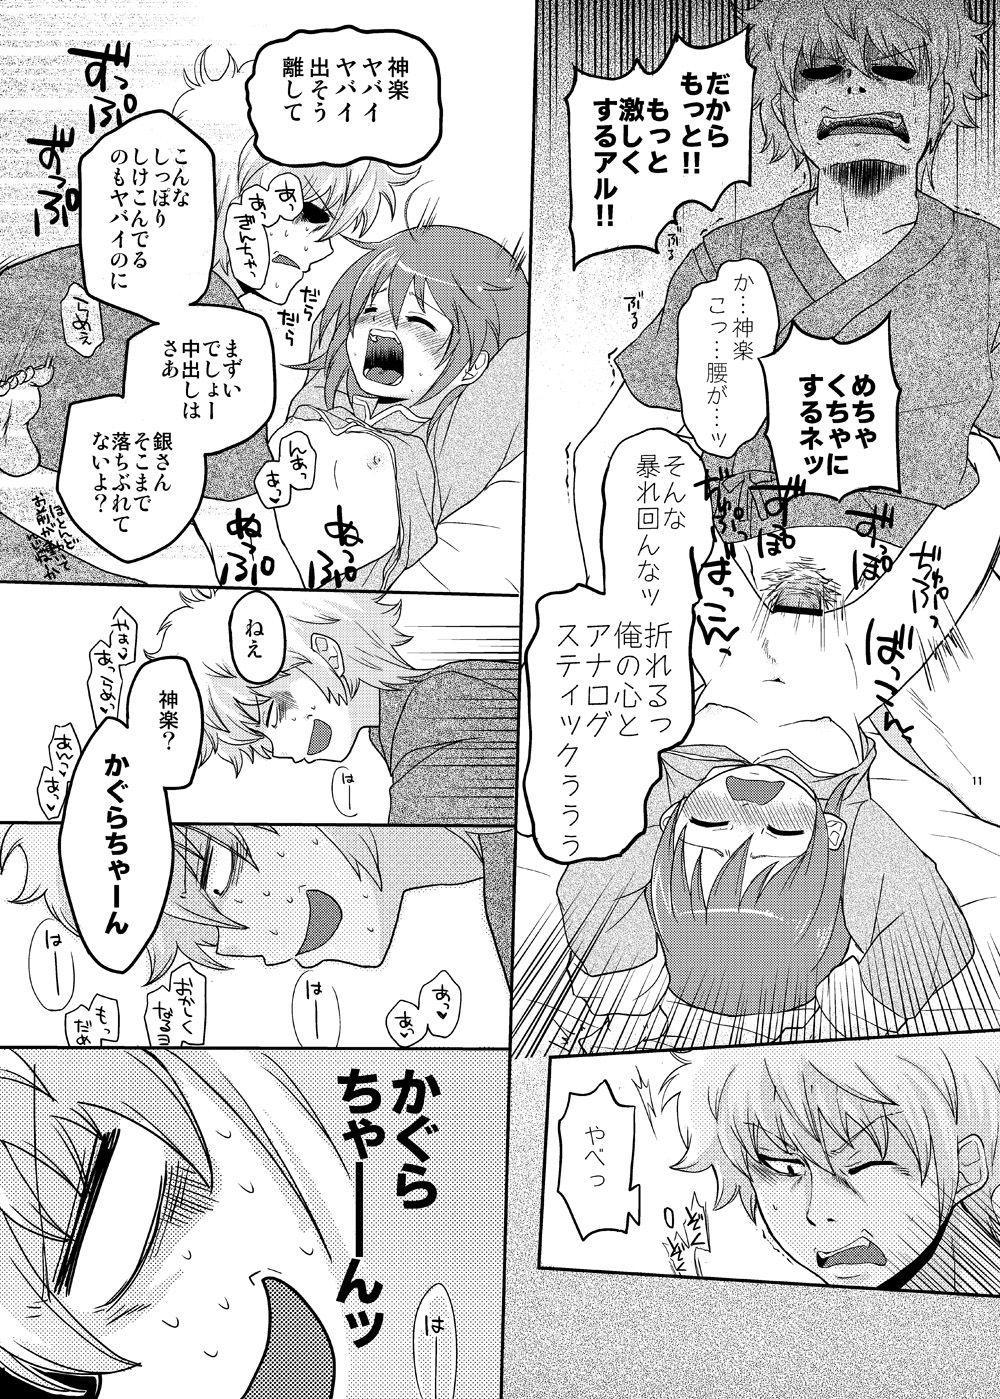 Guratan wo Meshiagare 9